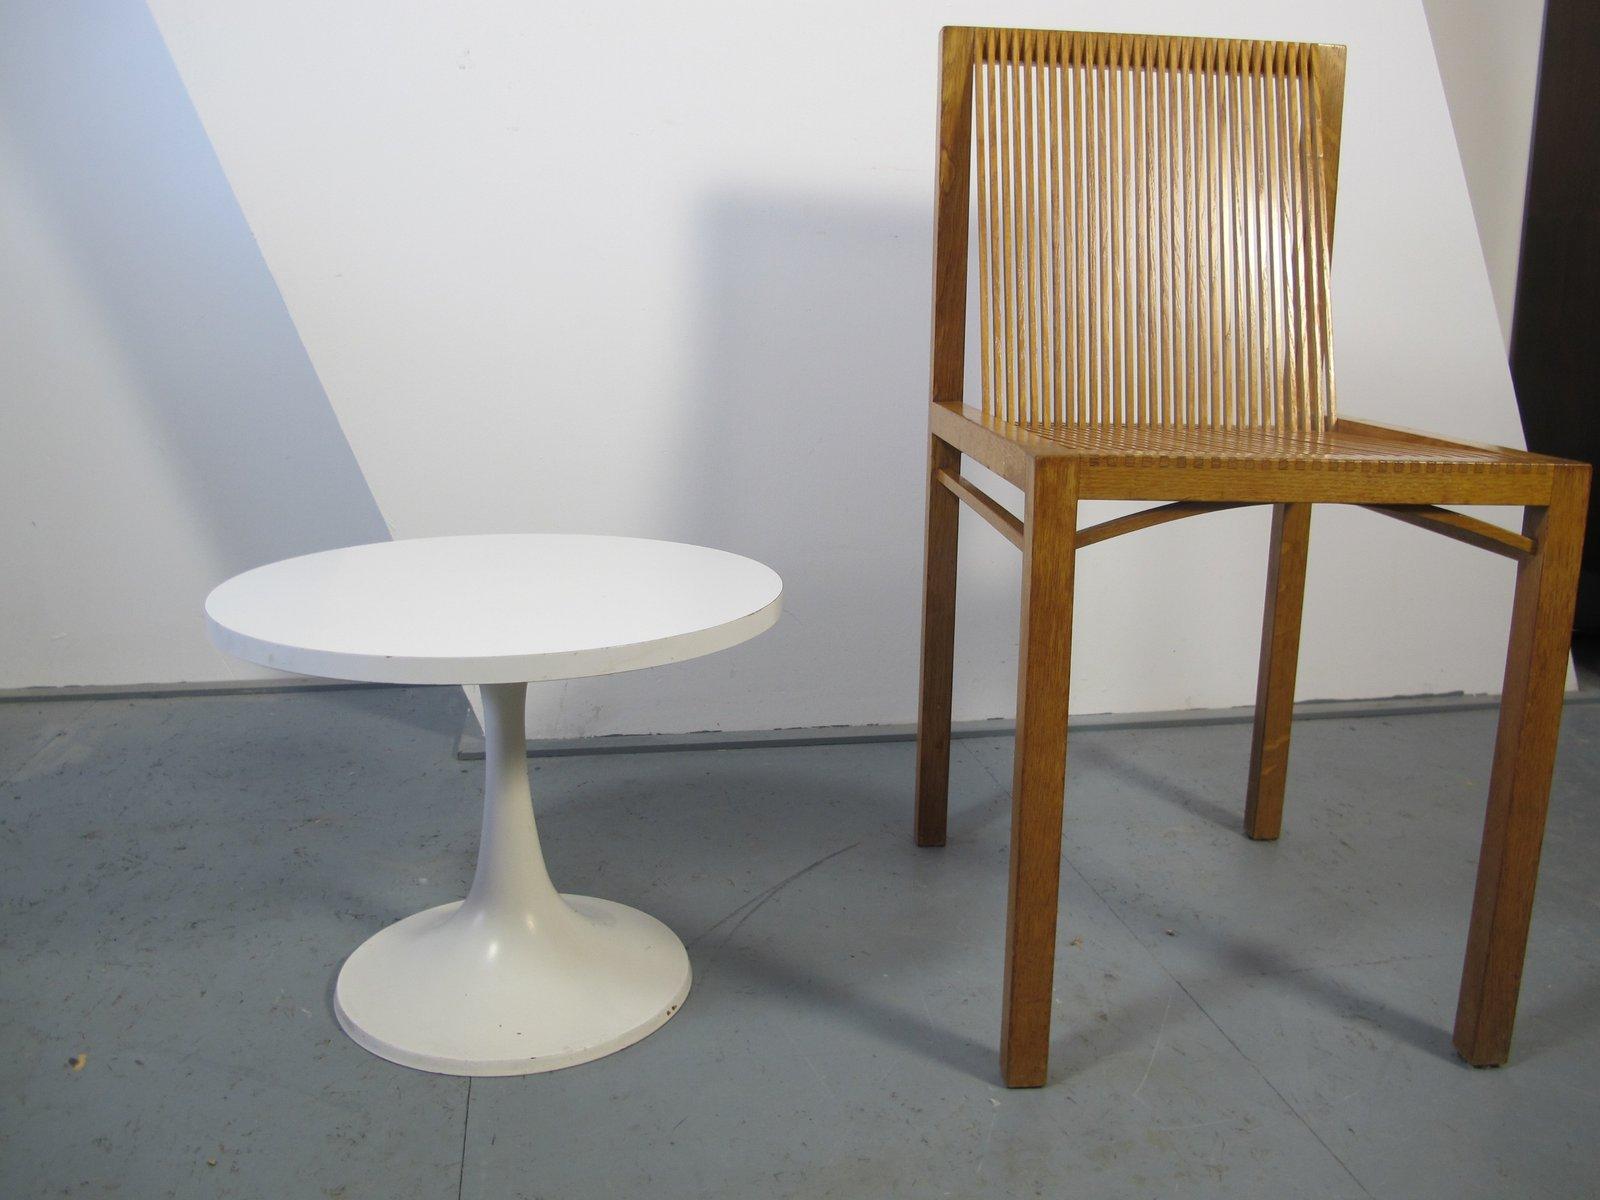 wei er vintage tulip tisch von pastoe 1970er bei pamono kaufen. Black Bedroom Furniture Sets. Home Design Ideas